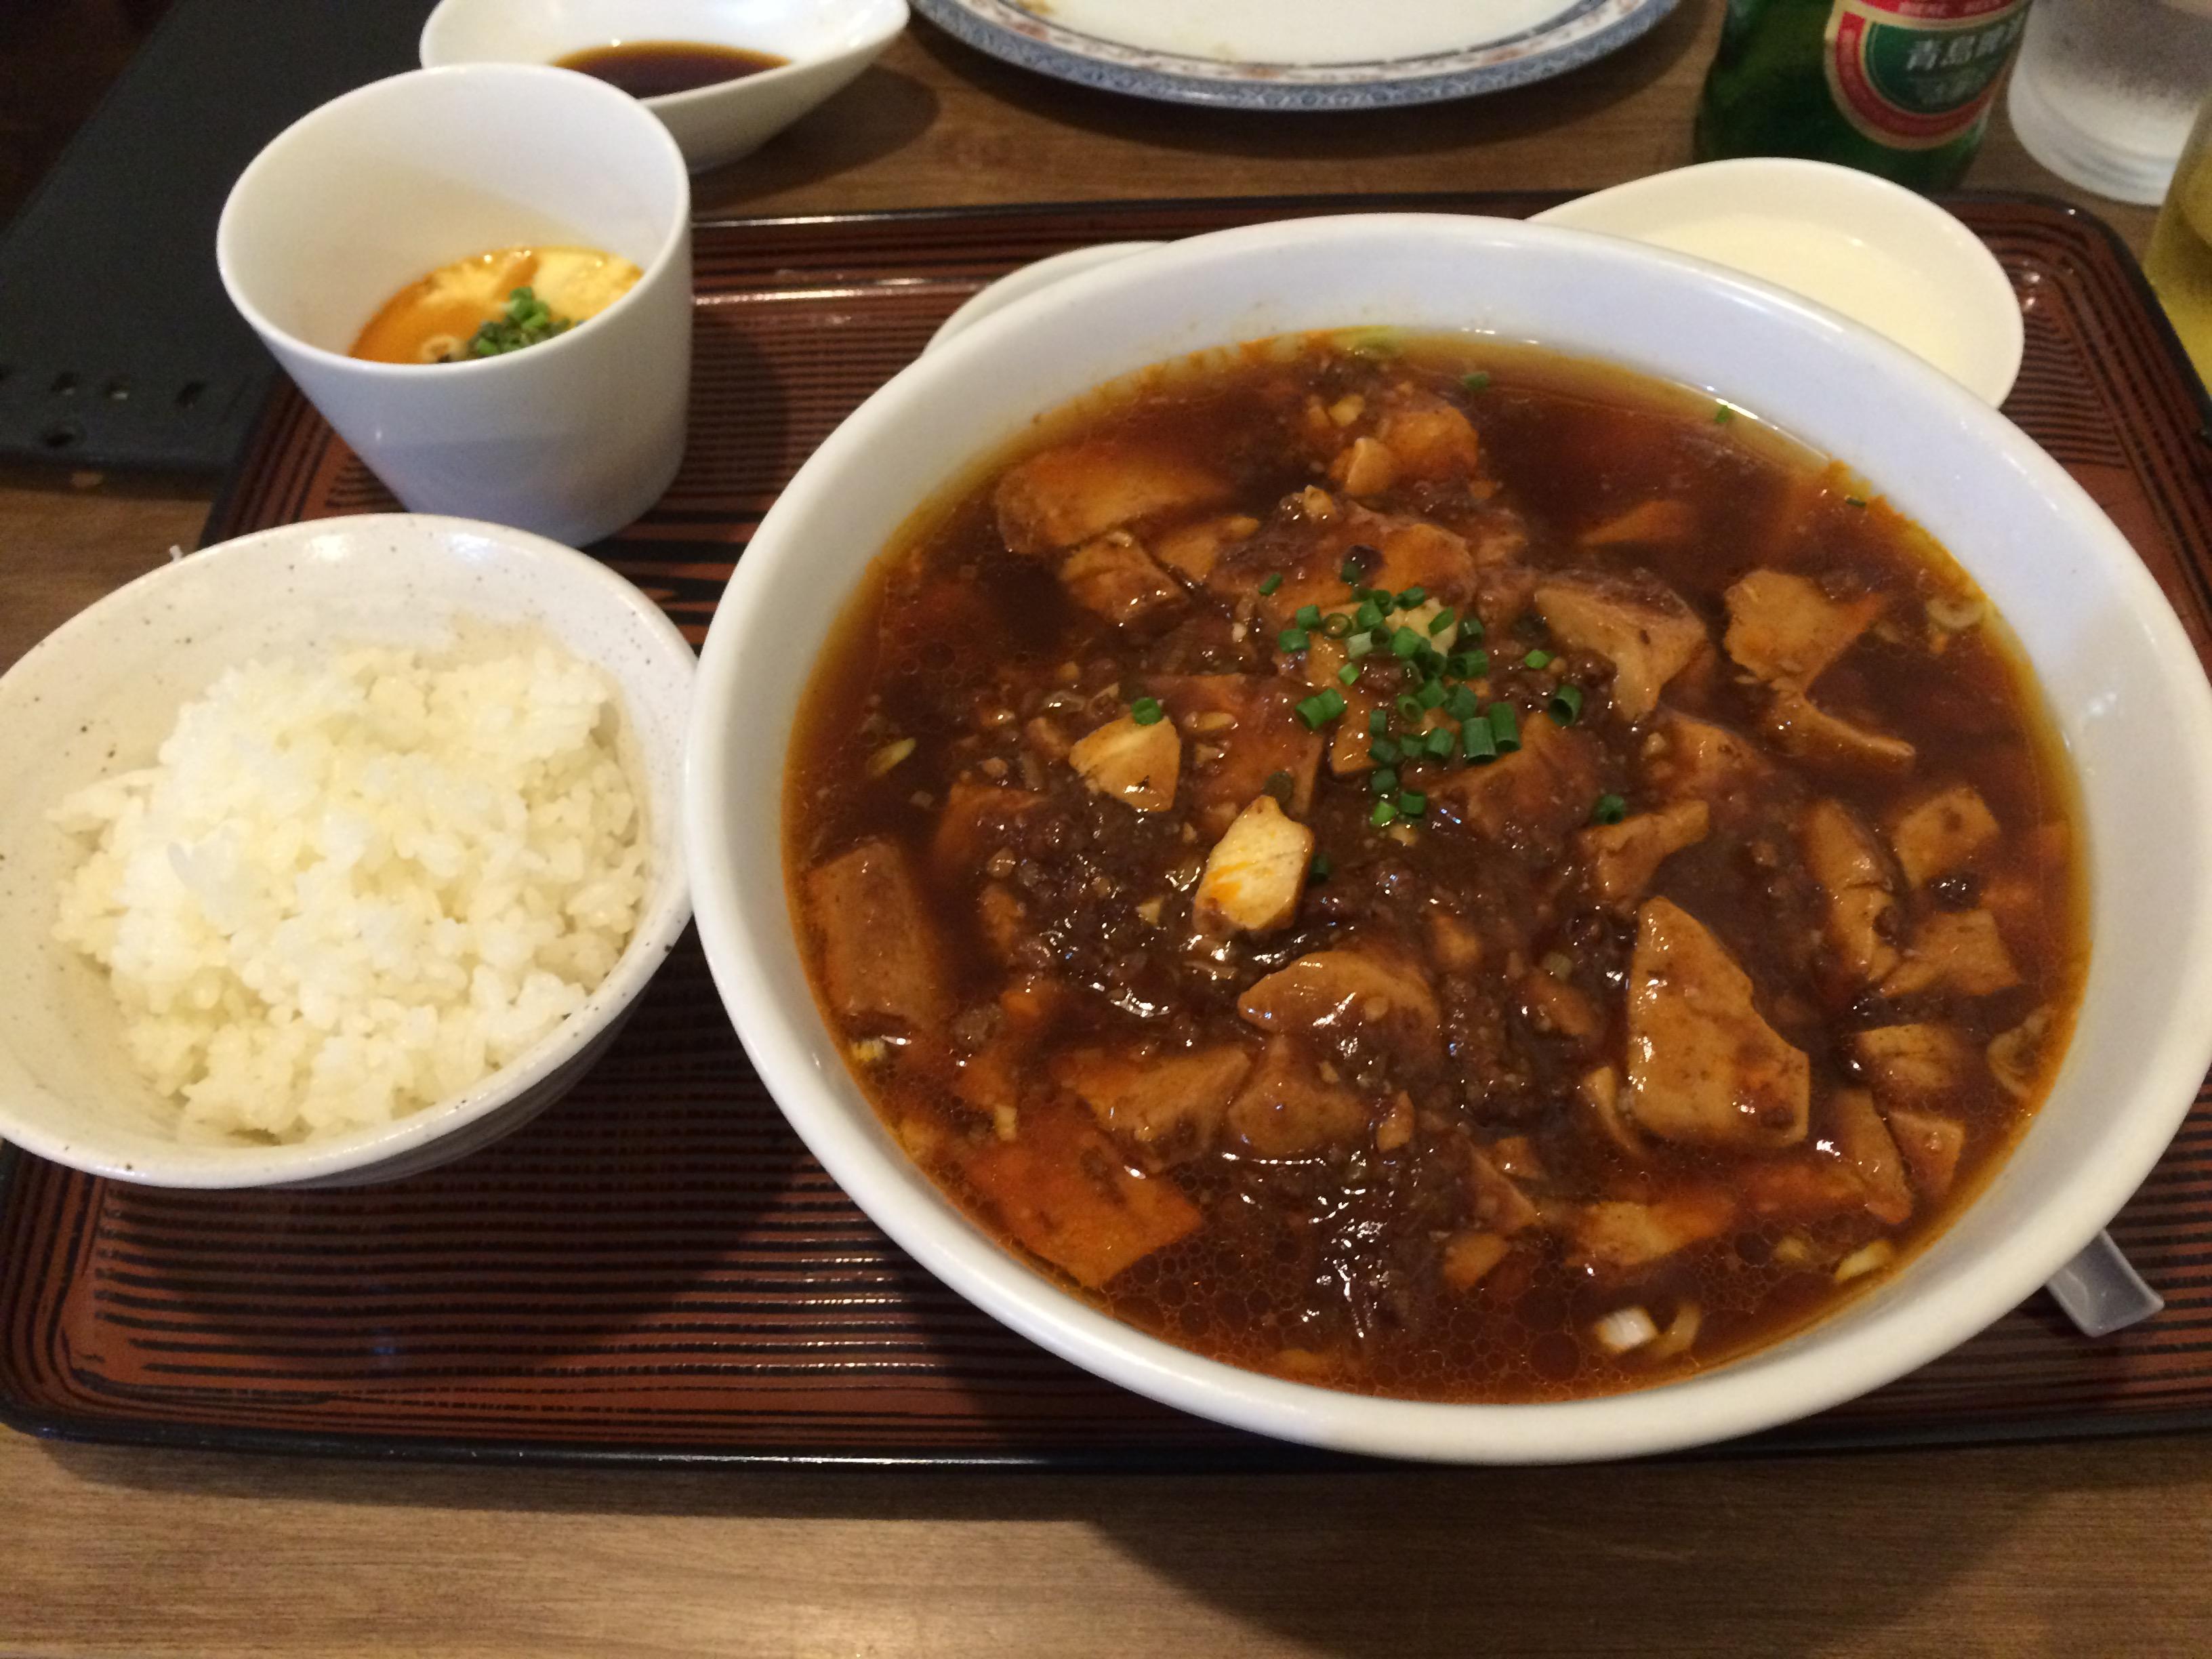 満腹でござる!!中華萬福食堂で中華定食を食べてきました